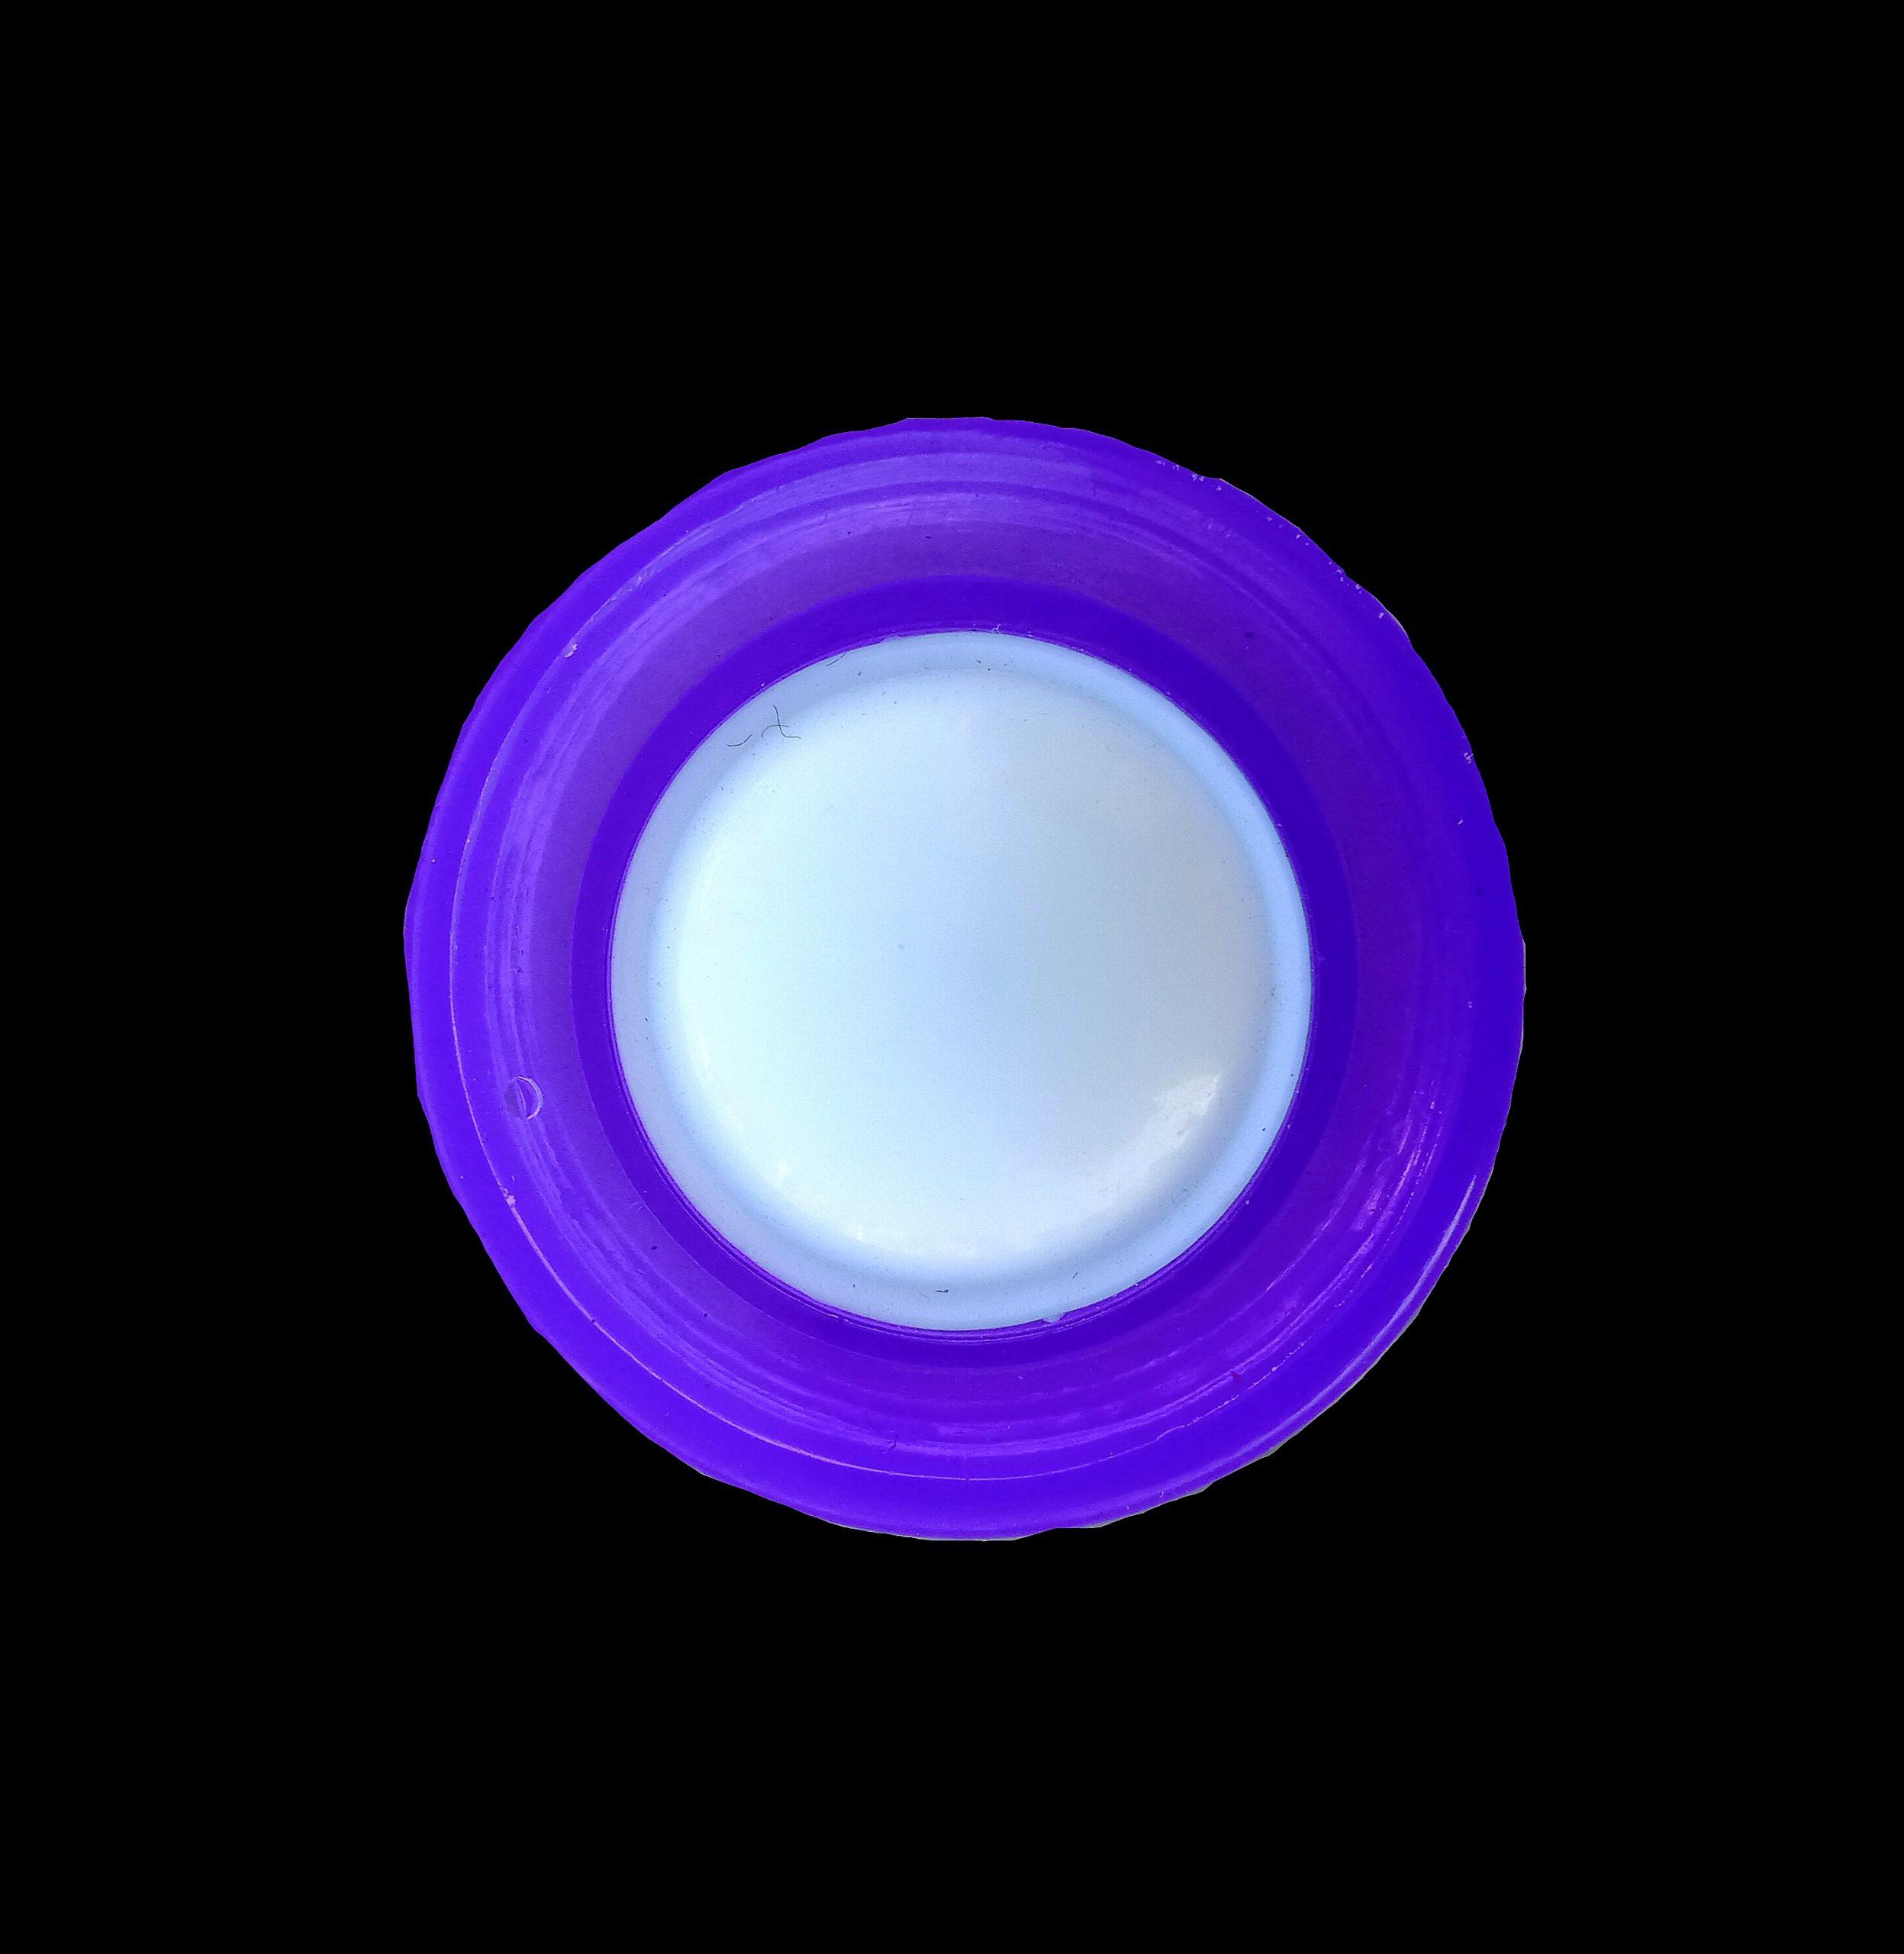 A buzzer